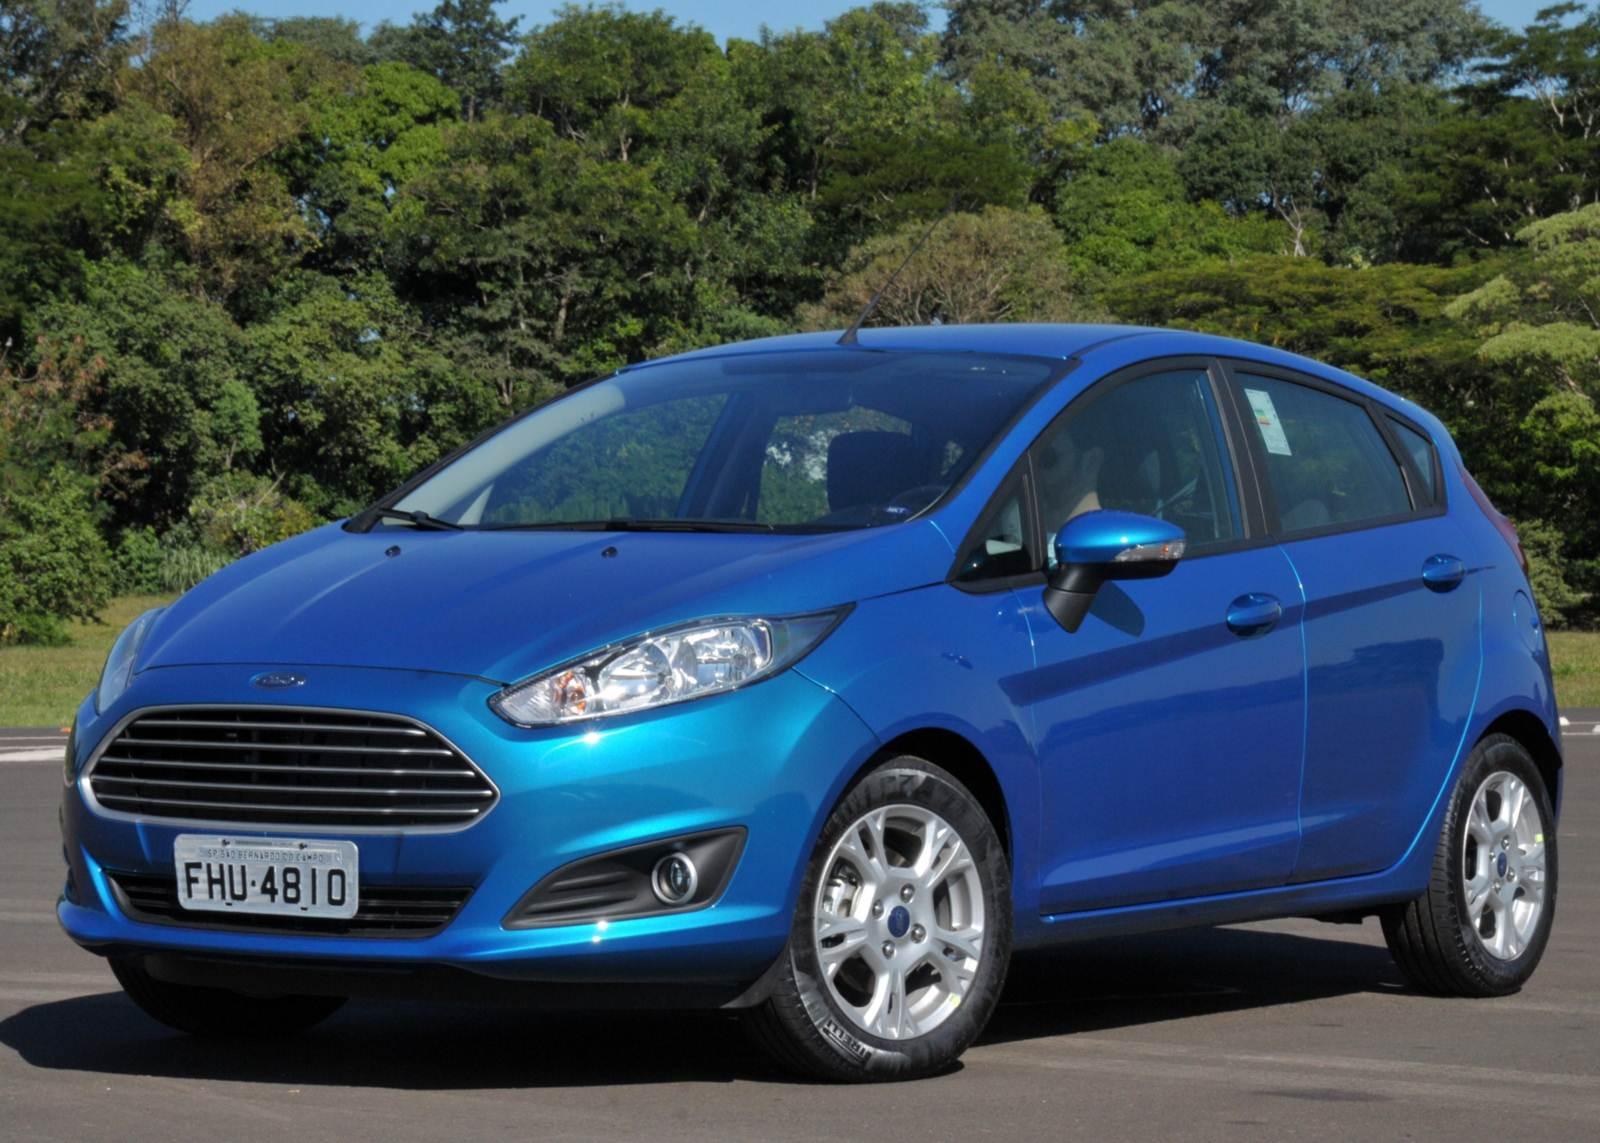 Ford New Fiesta: ruído e falhas nos freios causam colisões